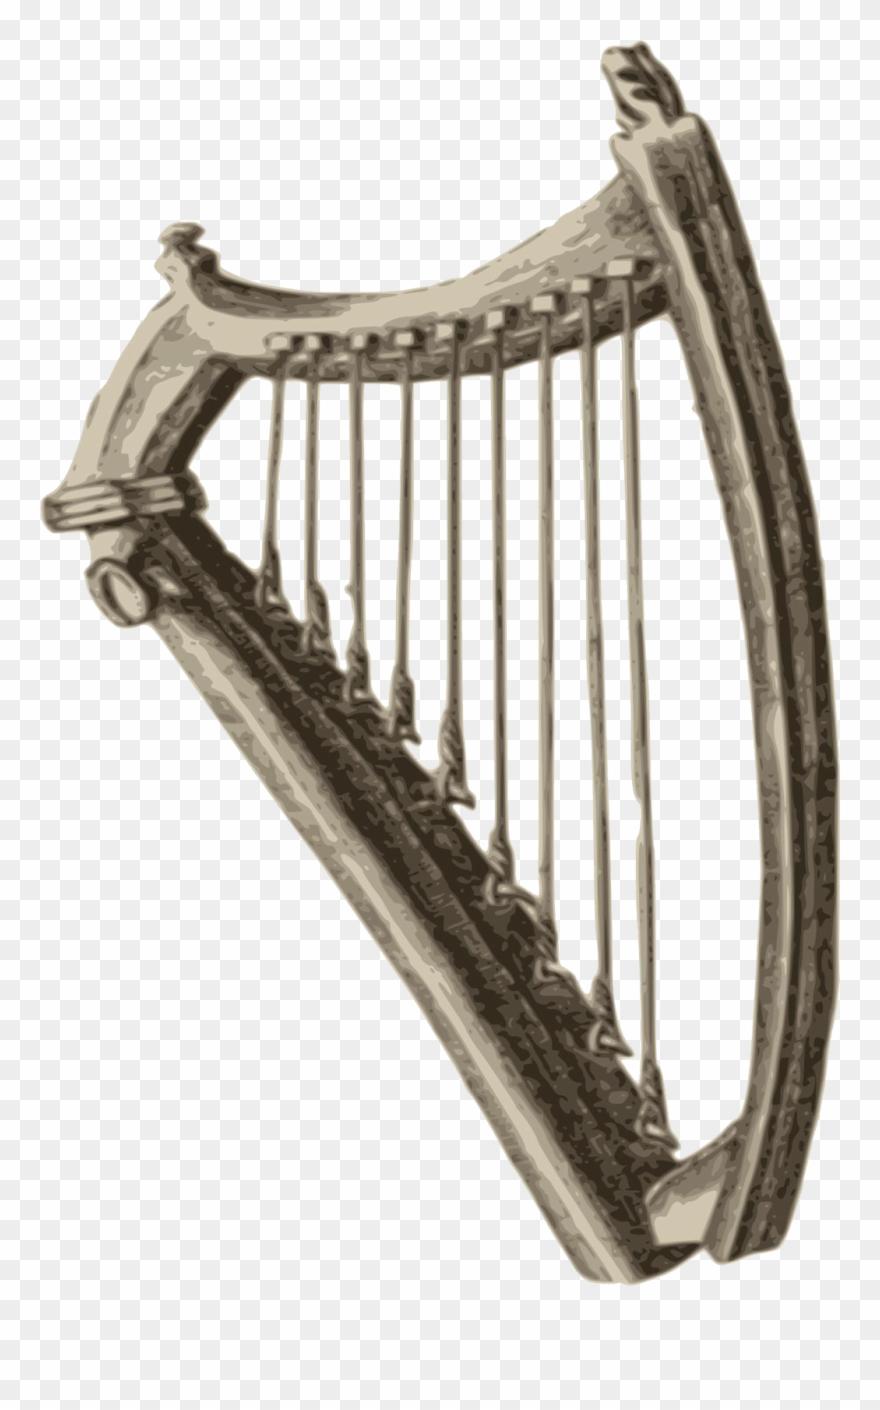 harp # 5075477